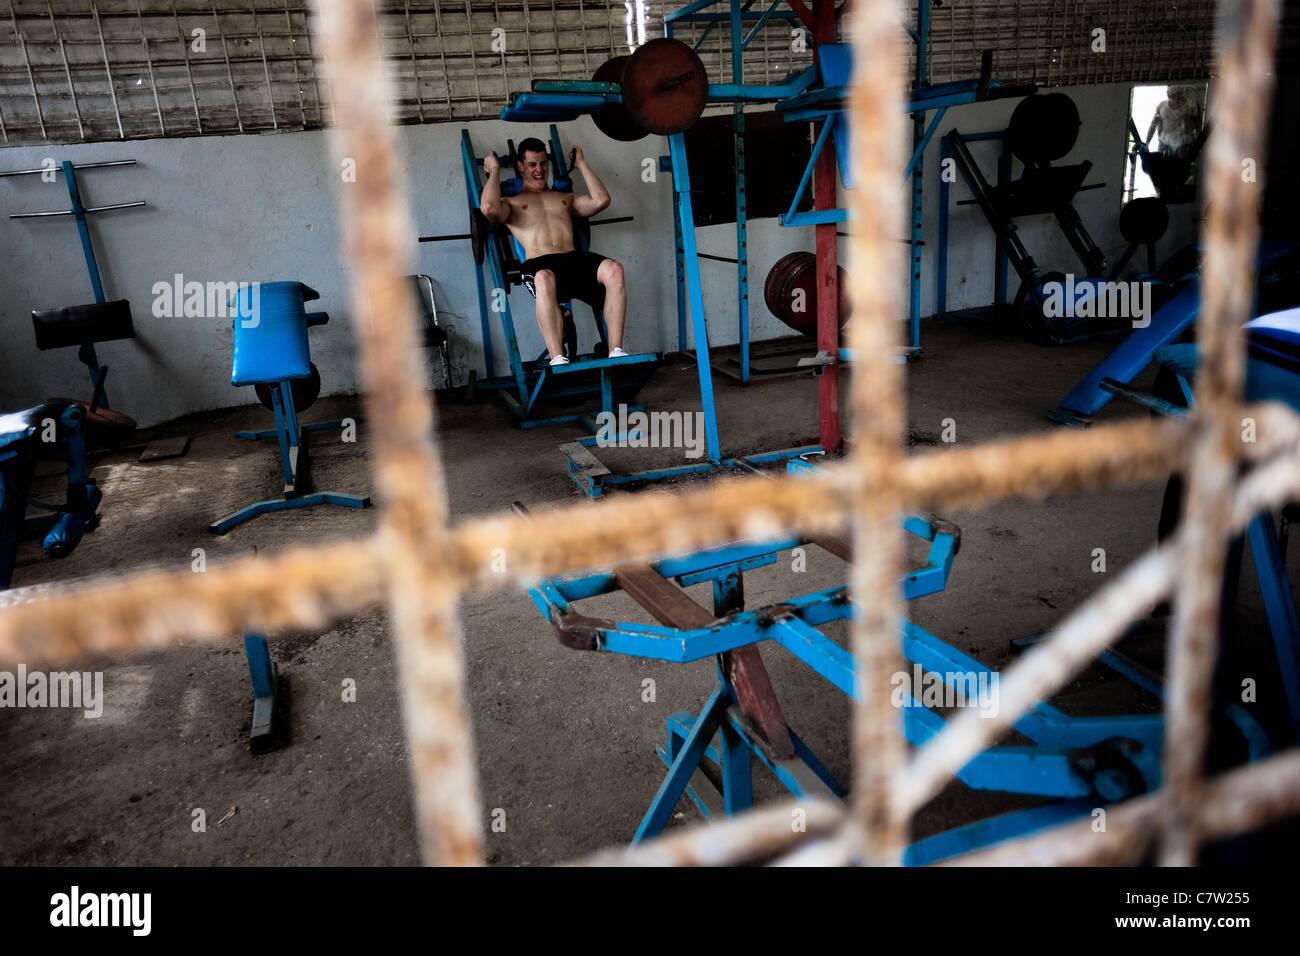 Un giovane uomo cubano treni in una palestra di bodybuilding in alamar, un pubblico complesso residenziale di l'Est Immagini Stock